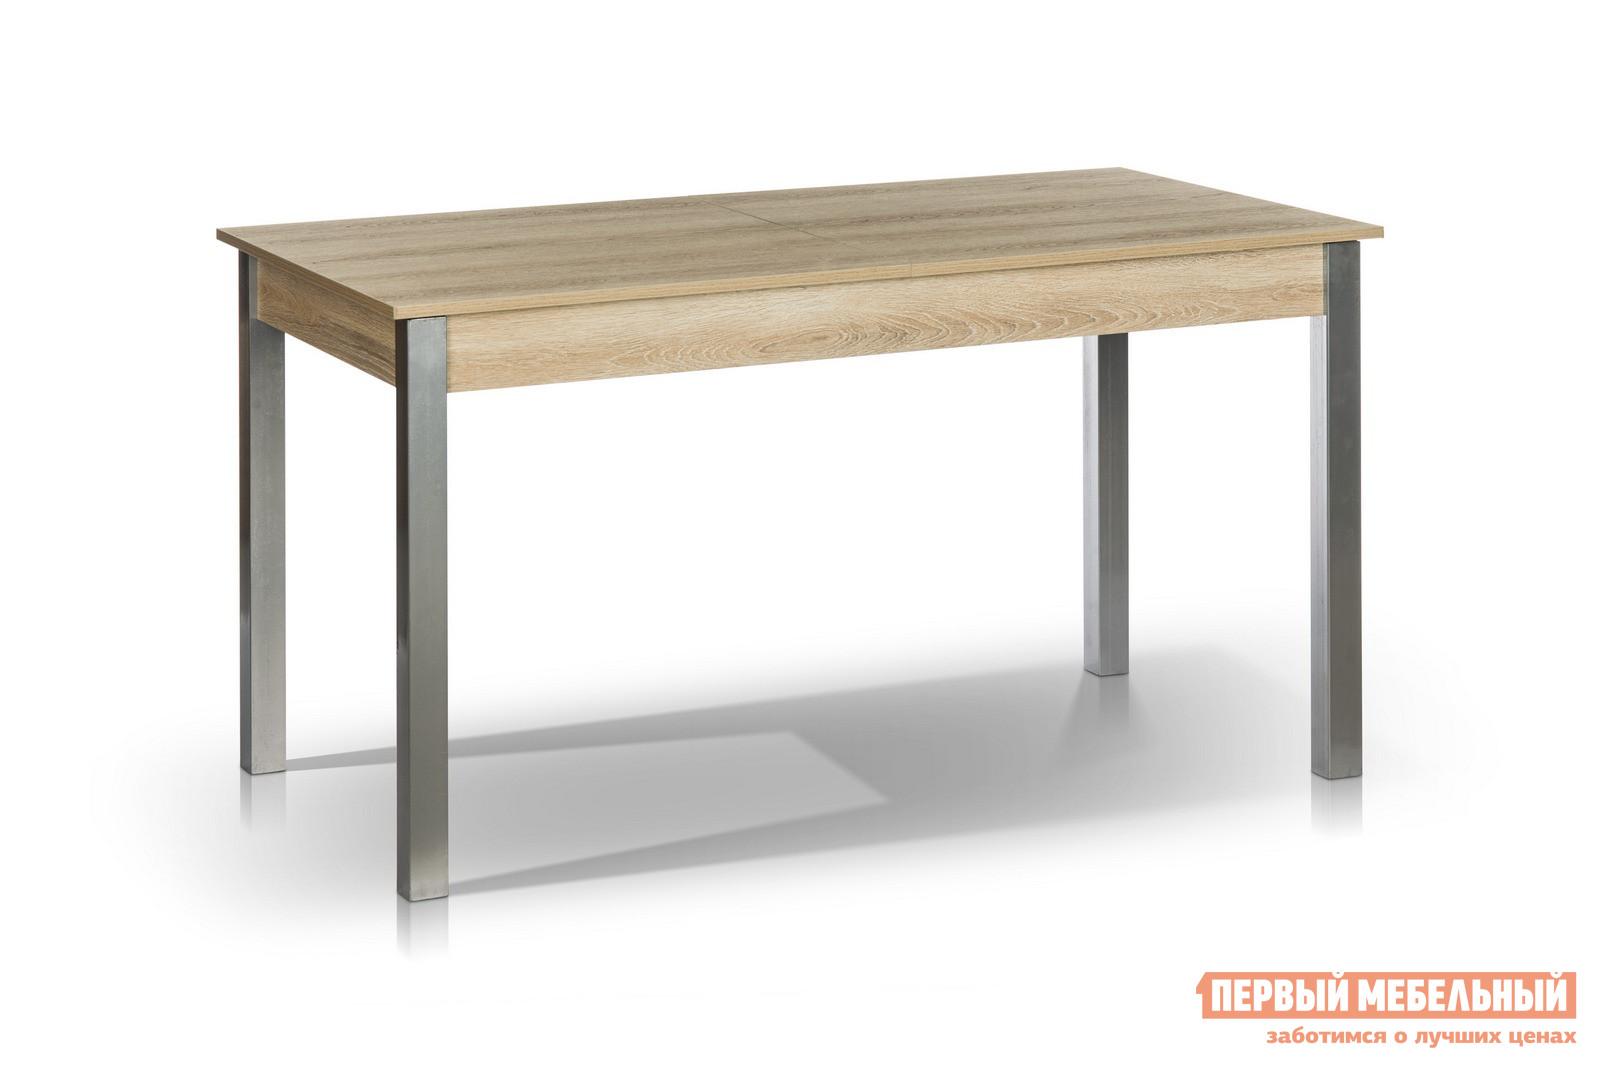 Кухонный стол МегаЭлатон Лугано-Мини Дуб швейцарский